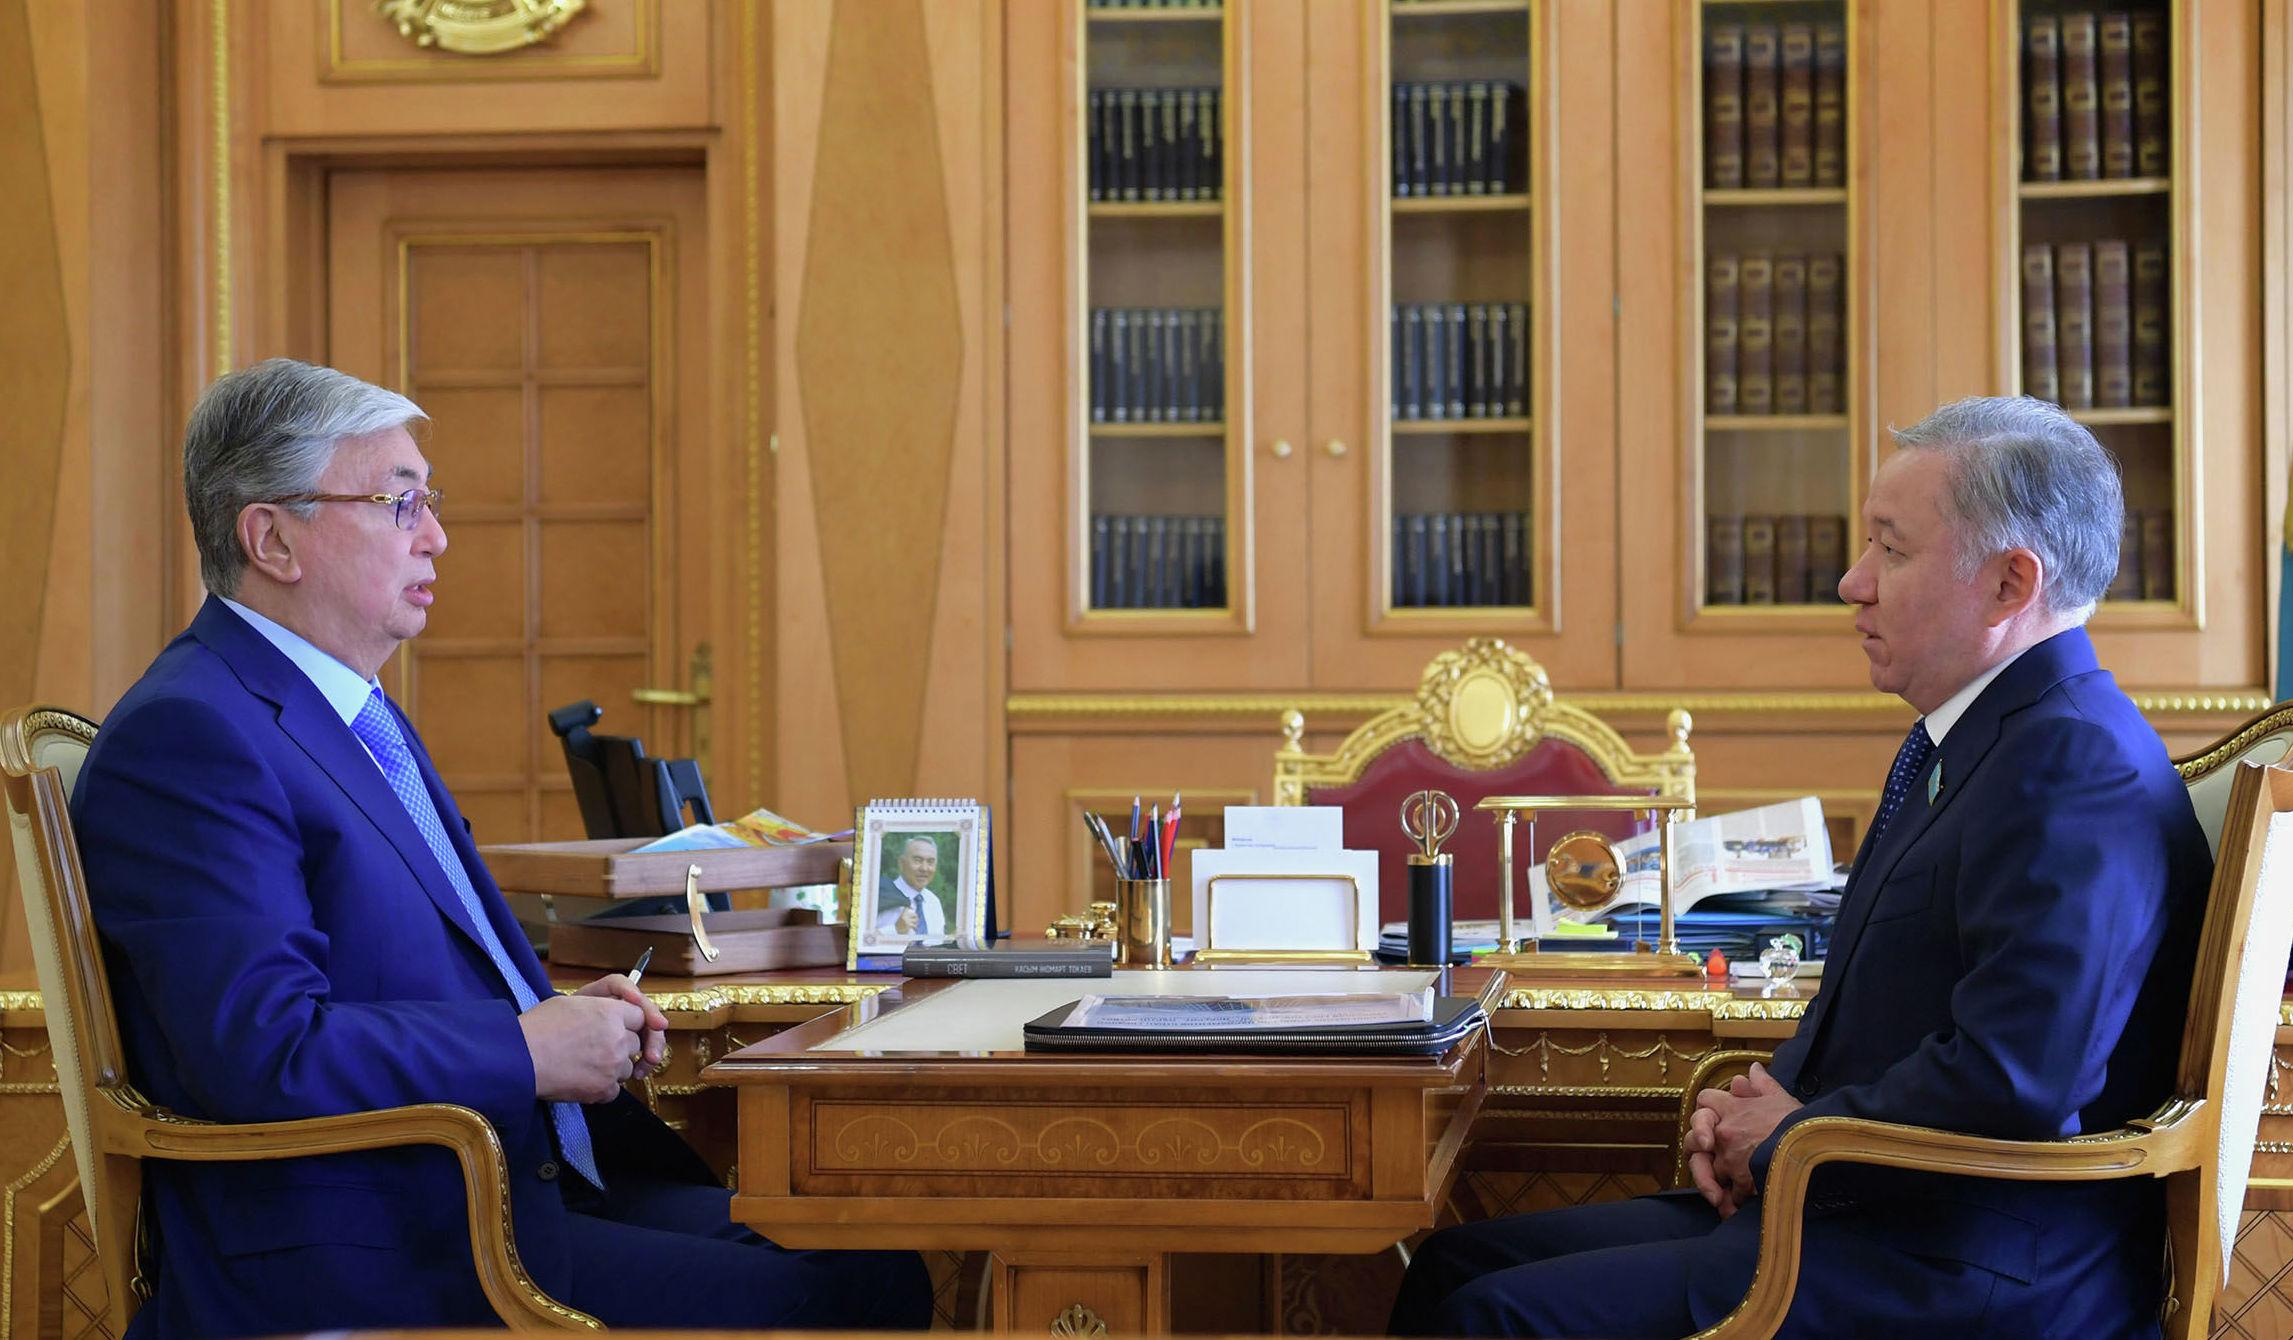 Президент Казахстана Касым-Жомарт Токаев принял председателя Мажилиса Нурлана Нигматулина